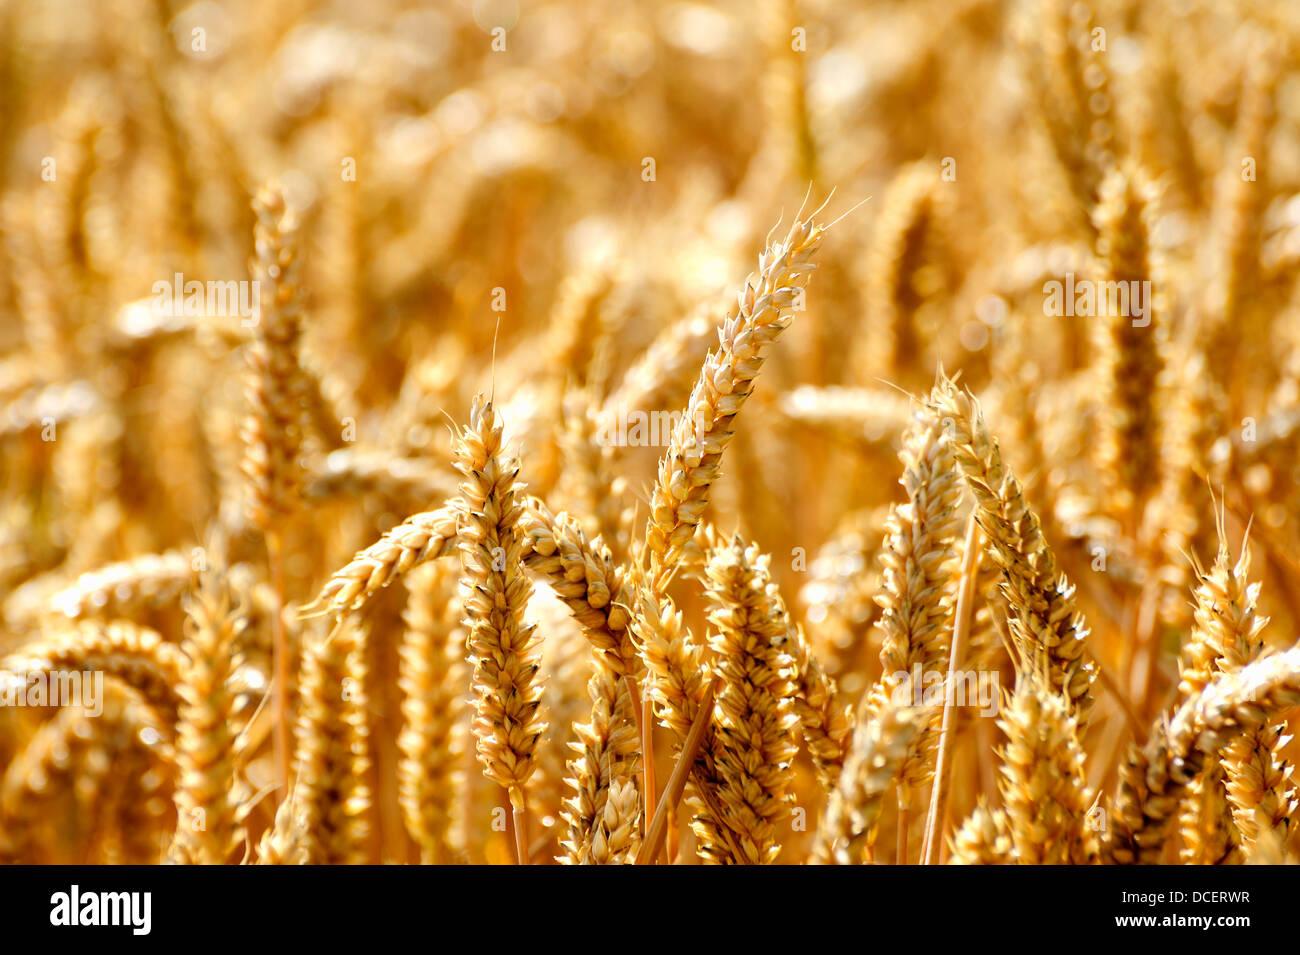 Un campo de trigo que crecen Imagen De Stock